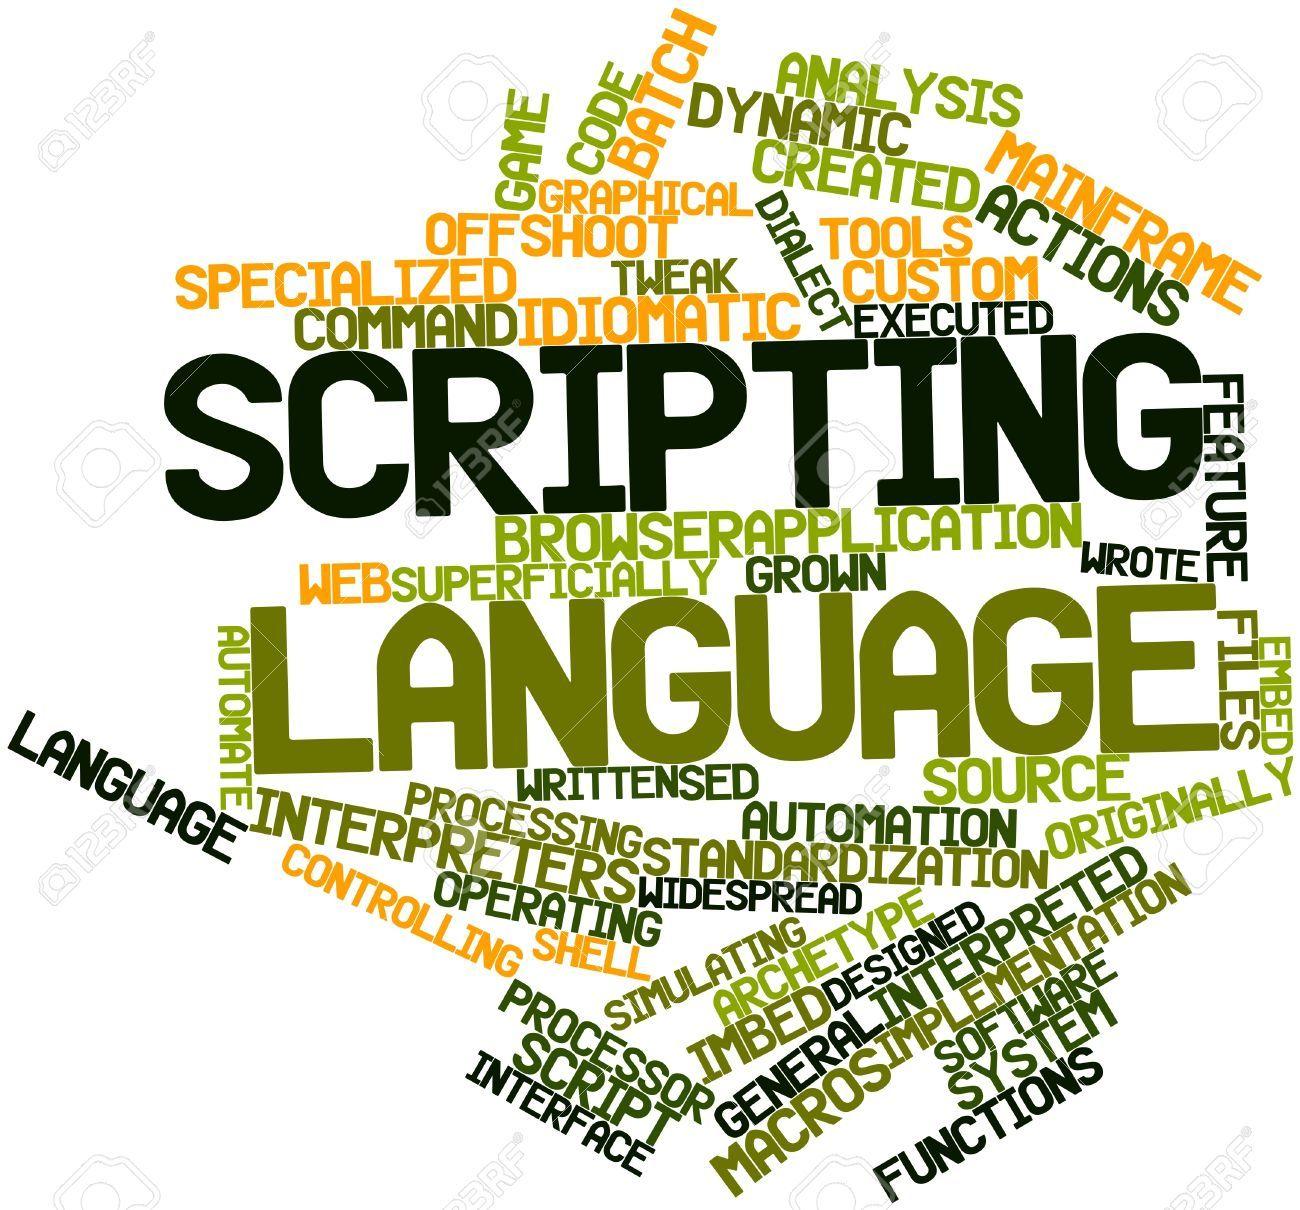 1Script или Как я начал open-source проект